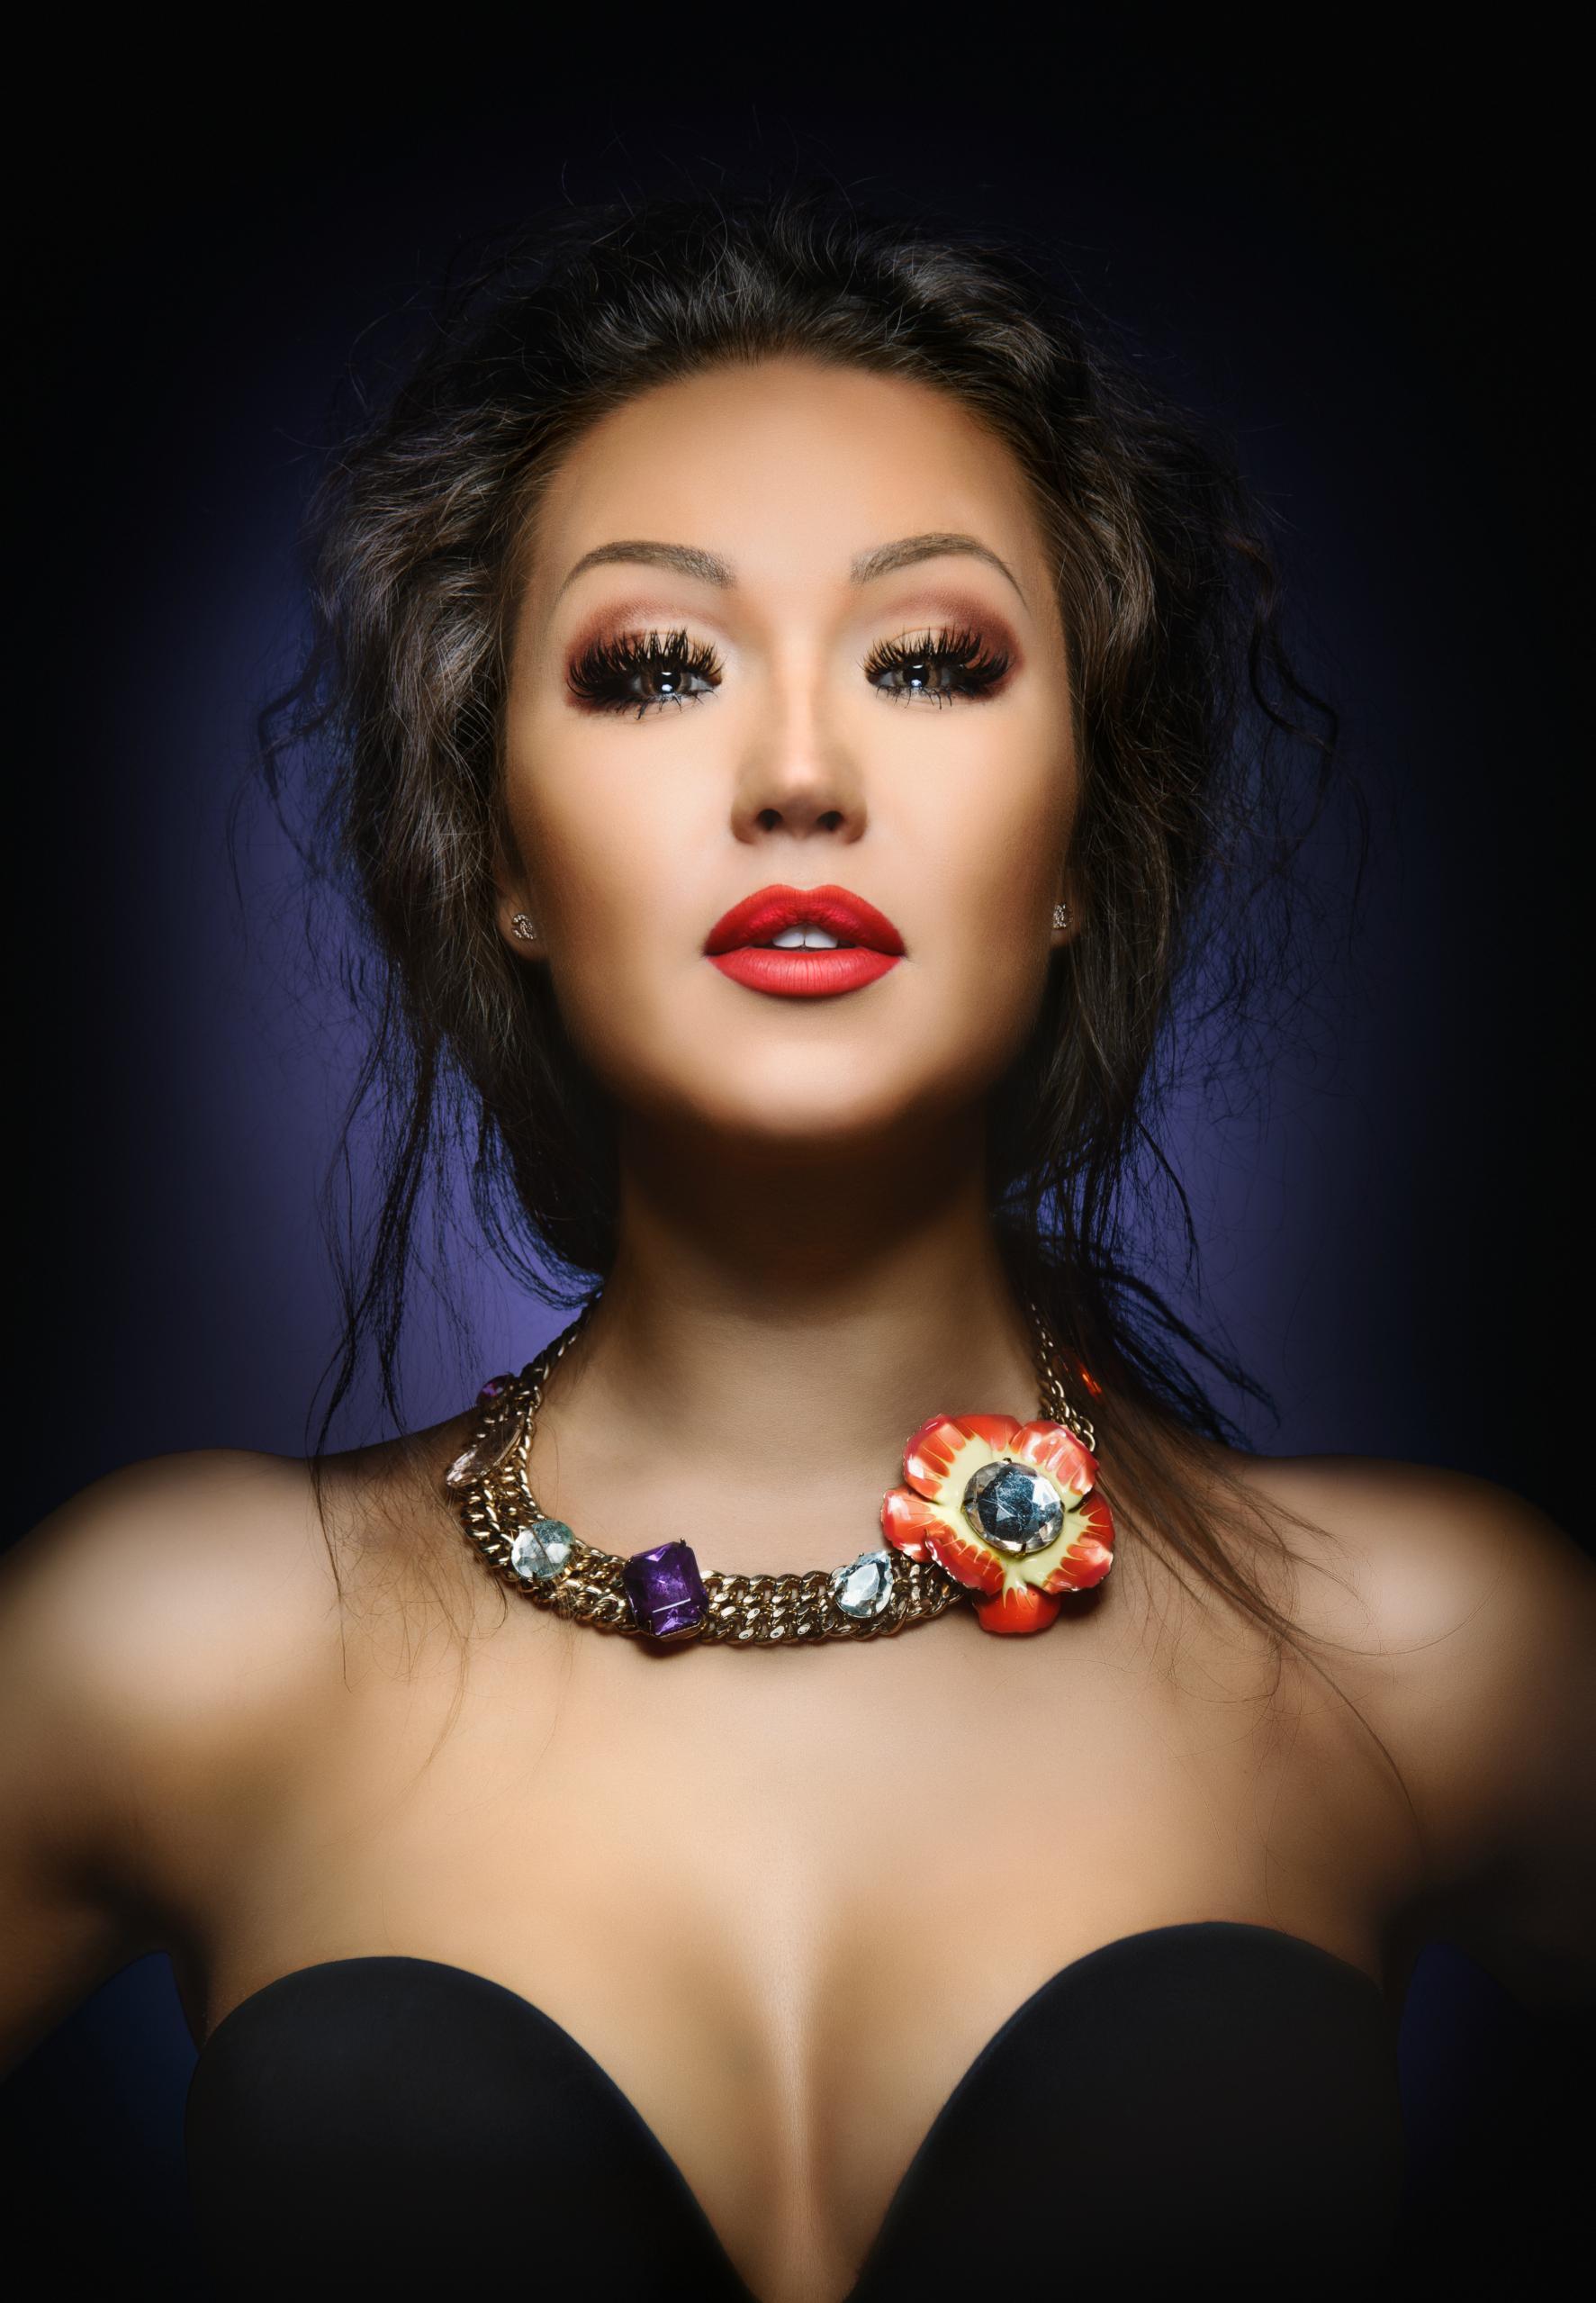 Yana Kas, участница программы «Новый год 2020 на русский лад» в Германии 31 декабря 2019 года от концертного агентства Artist Production